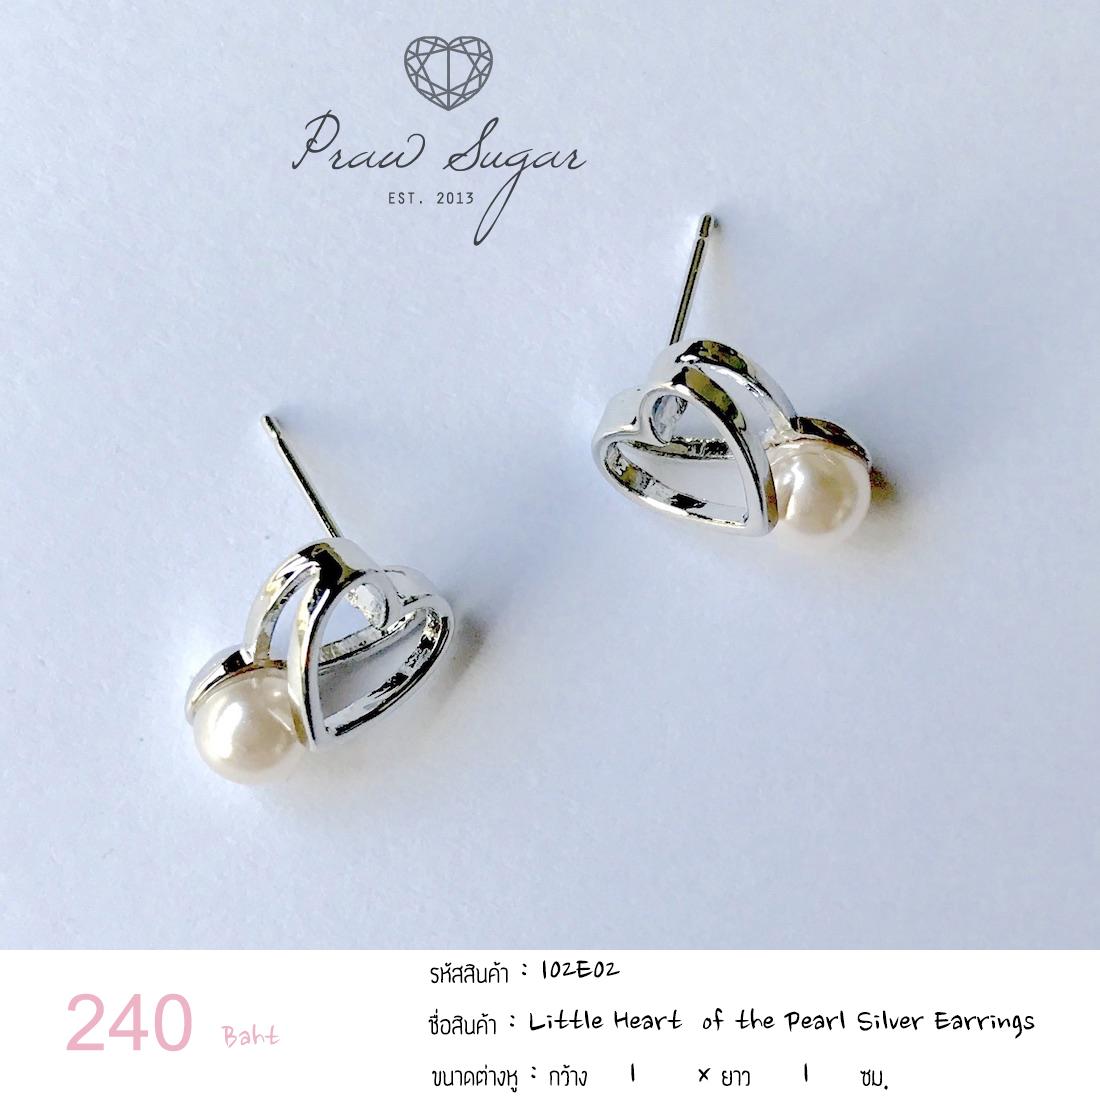 Little Heart of the Pearl Silver Earrings